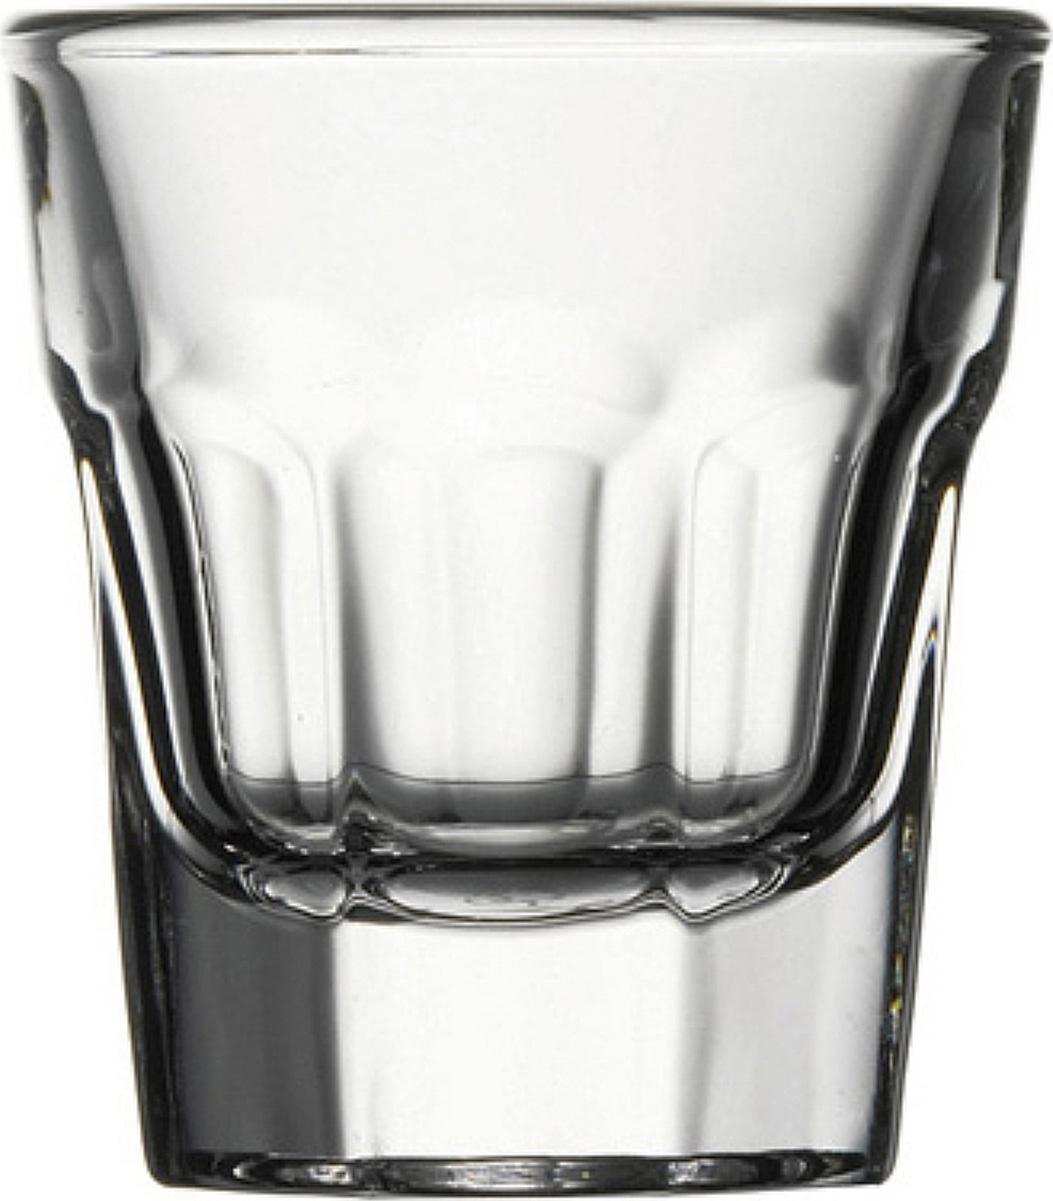 Стопки Pasabahce — стеклянные стопки небольшого объема, используемый в качестве емкости для крепких алкогольных напитков. Благодаря специальной технологии производства посуда из закаленного стекла приобретает особую прочность и долговечность.